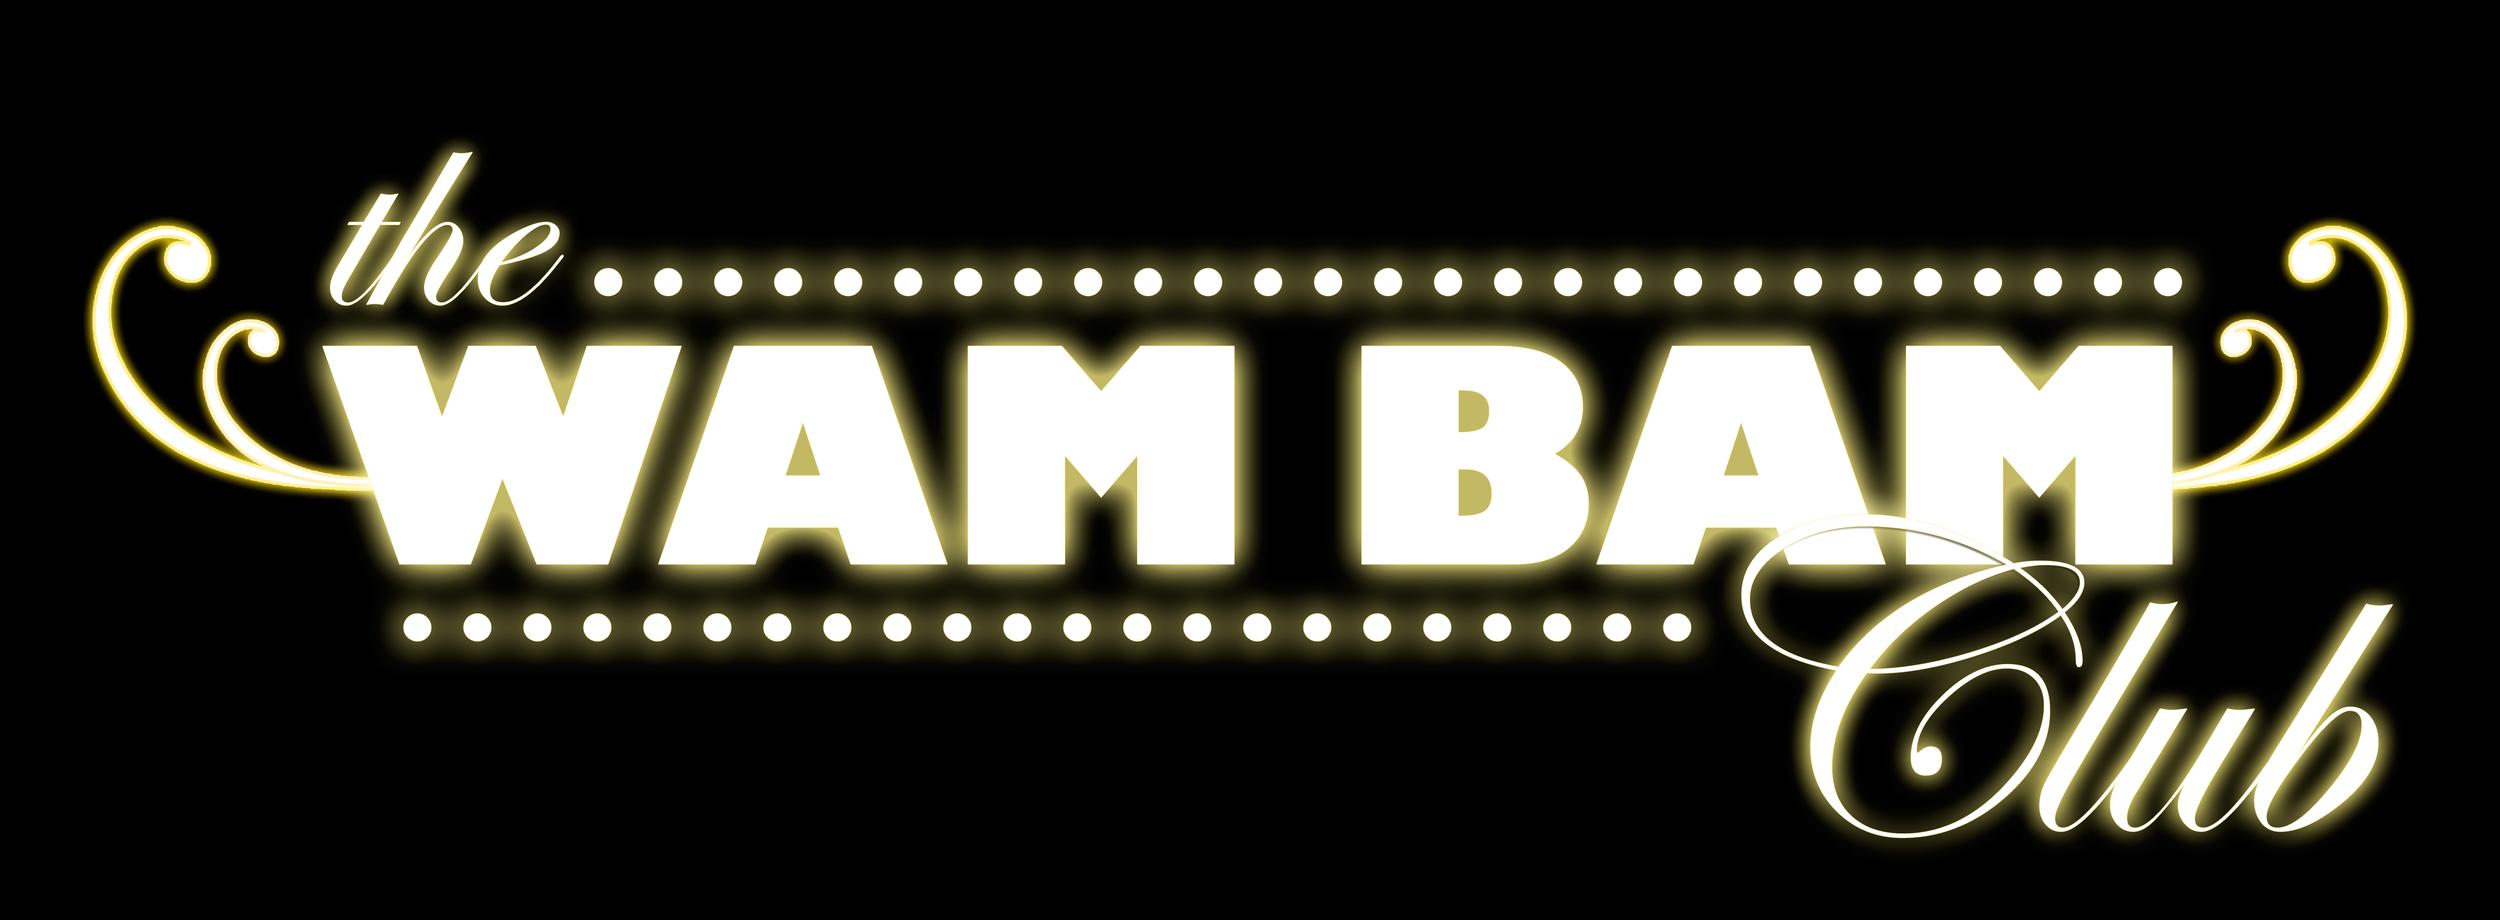 wam-bam-logo-white-on-black.jpeg